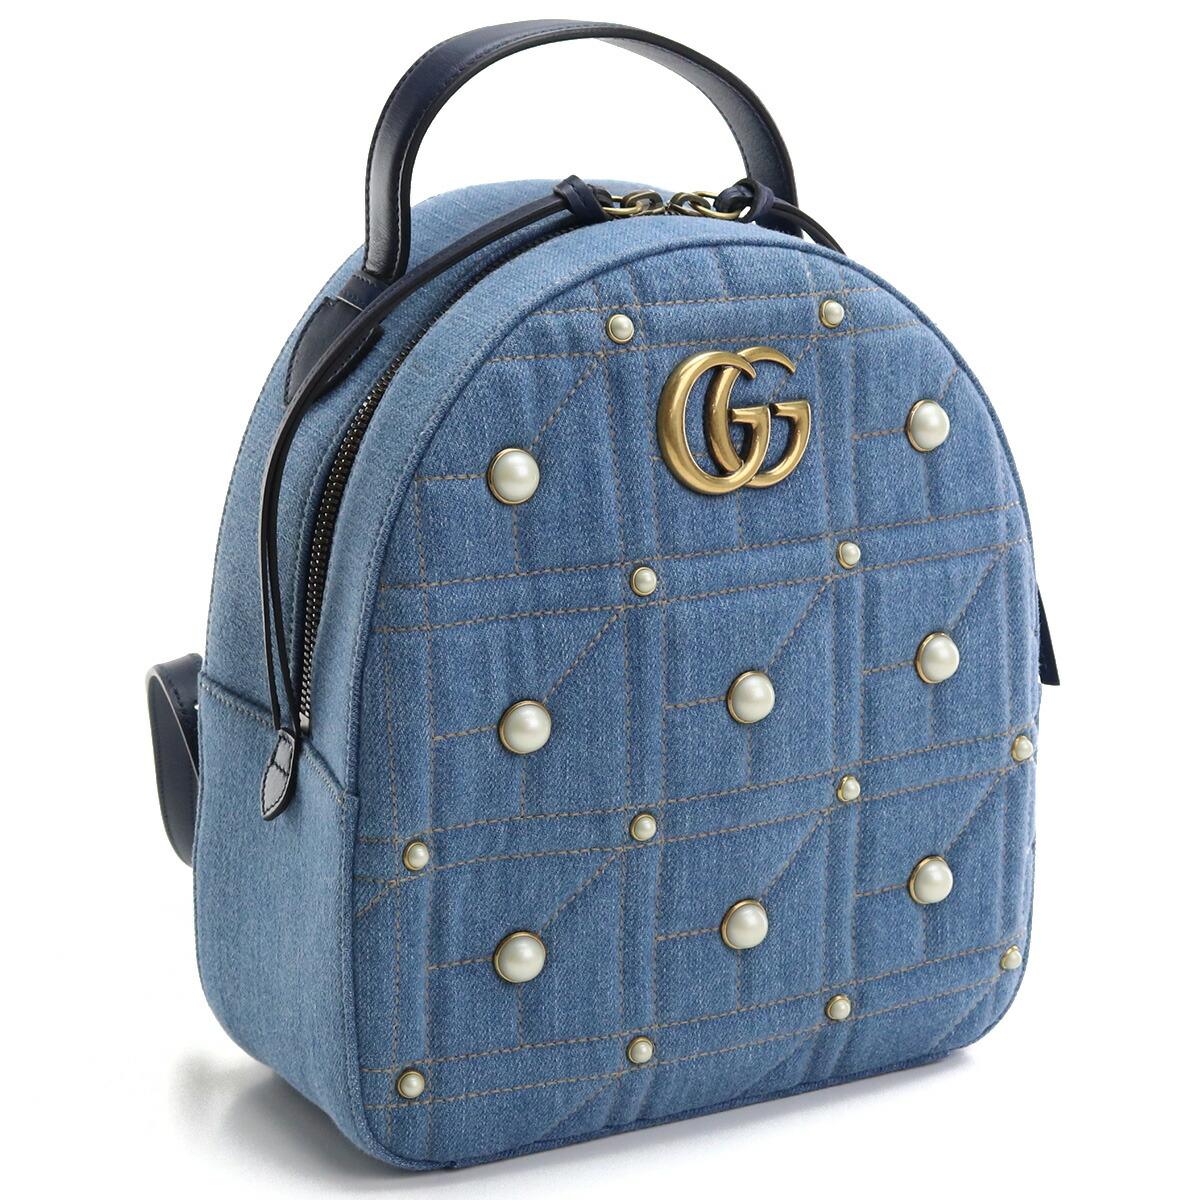 グッチ GUCCI  リュック バックパック 476671 9B52T 4380 GGマーモント ブルー系 bos-28 bag-01